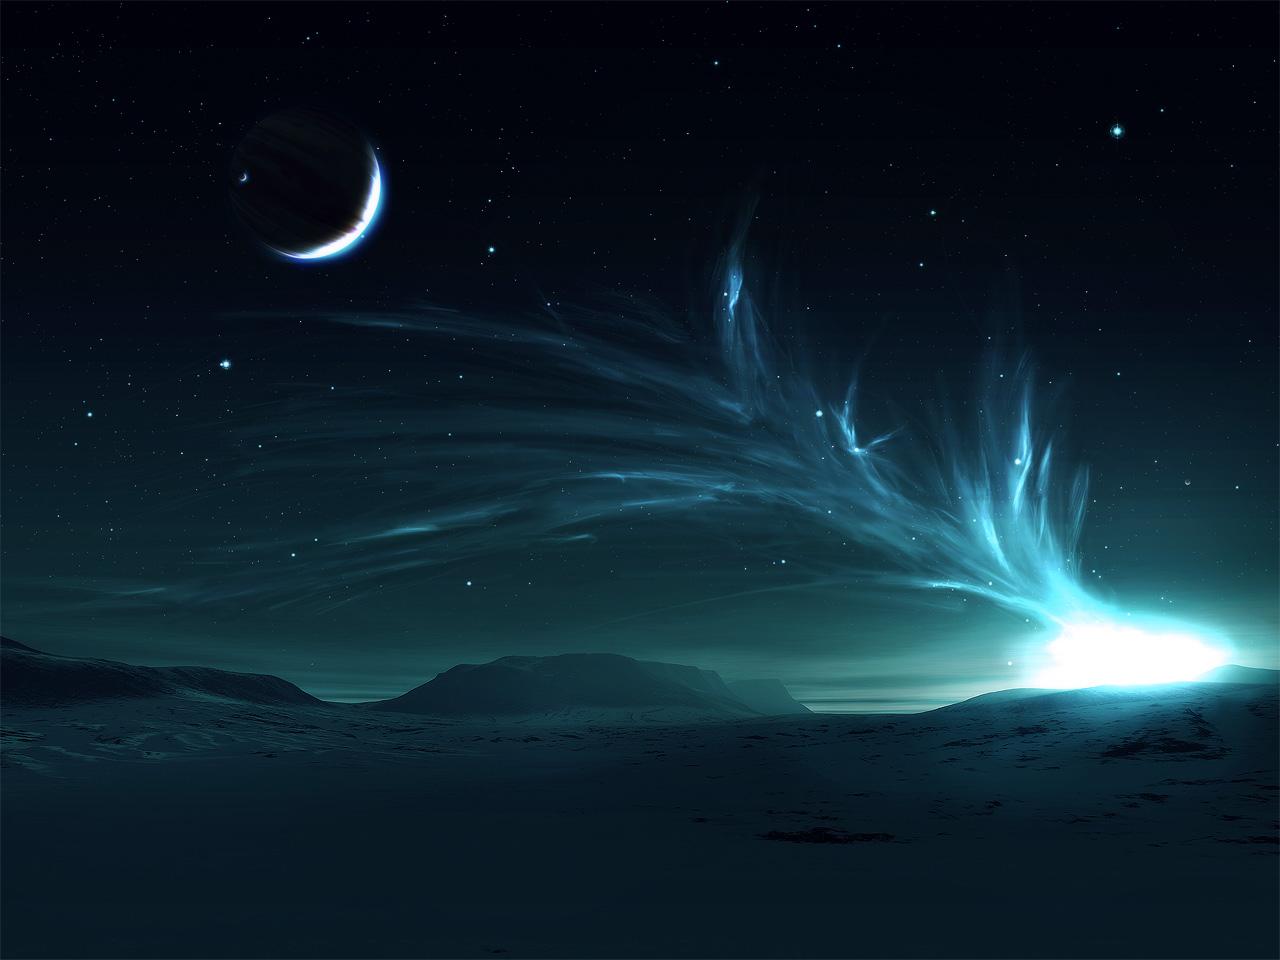 http://1.bp.blogspot.com/-VPwGOabo28E/UNSq6tr_YAI/AAAAAAAAASQ/qOX3gS65d54/s1600/ws_Ether_reality_1280.jpg